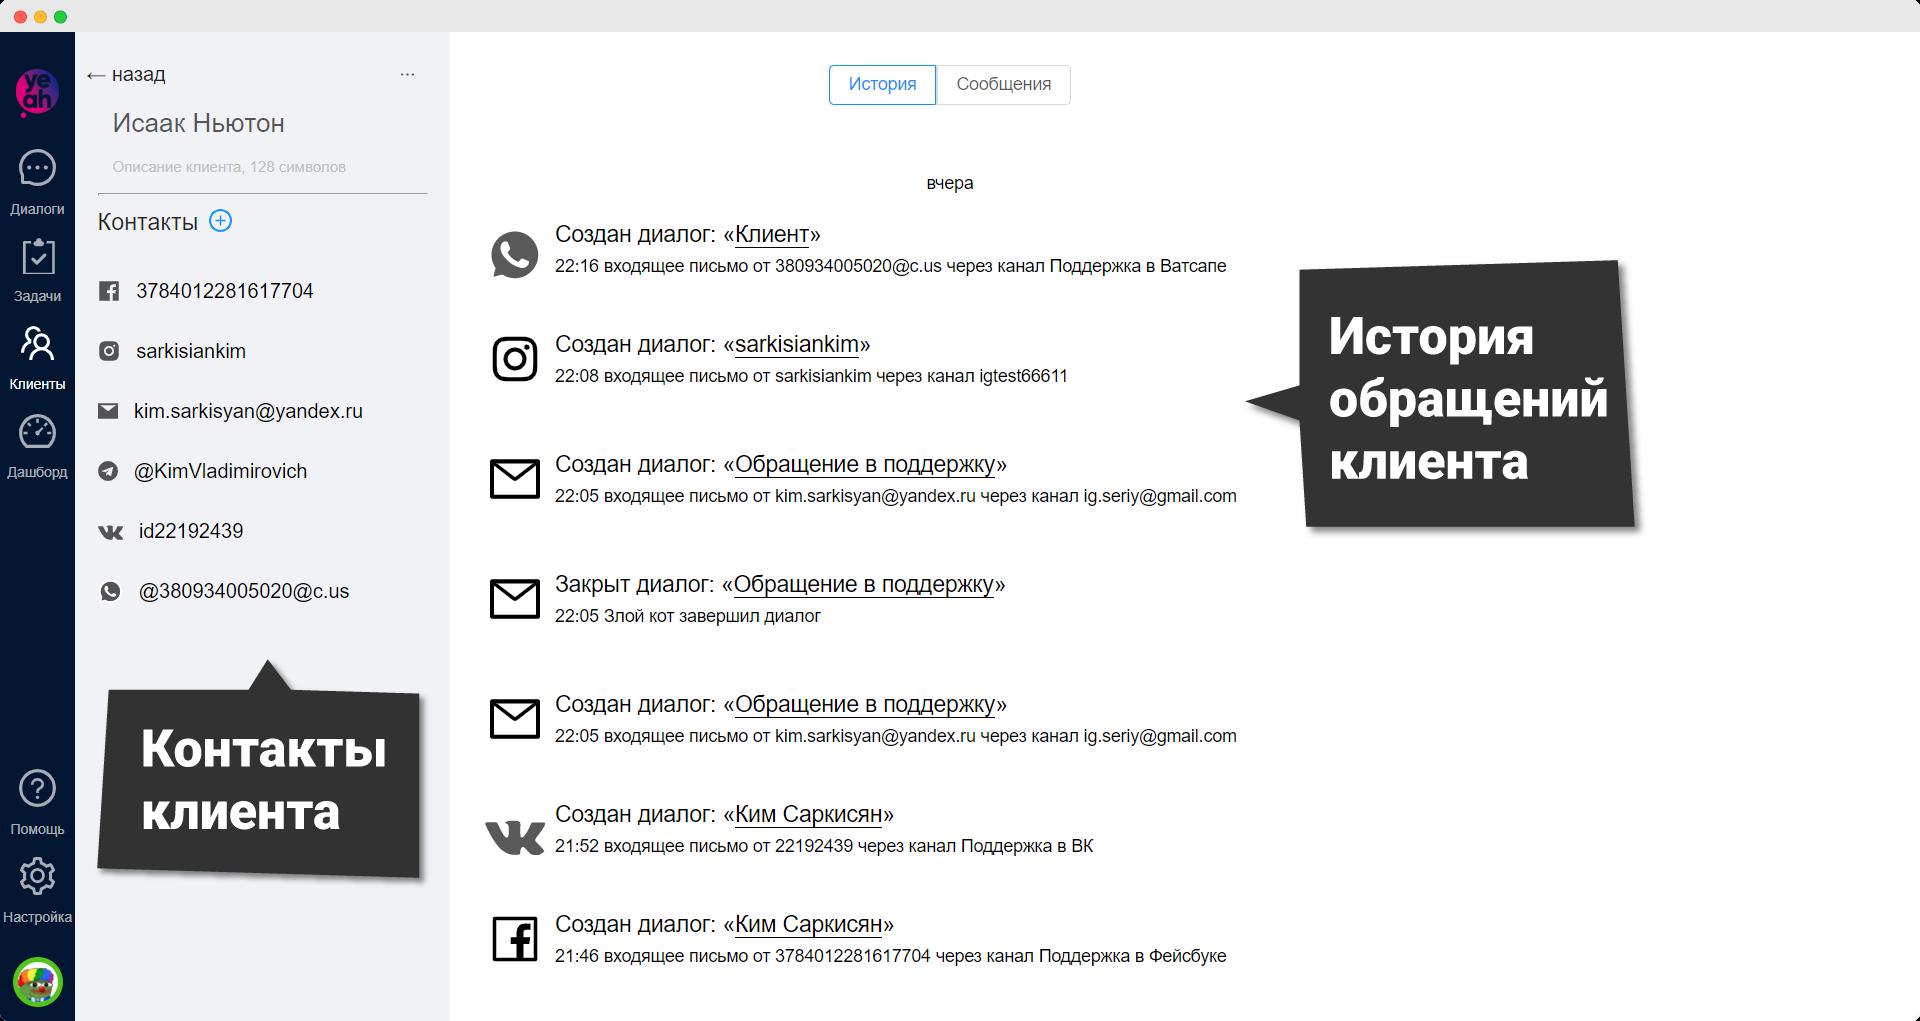 Пример истории обращений клиента в интерфейсе Еадеска